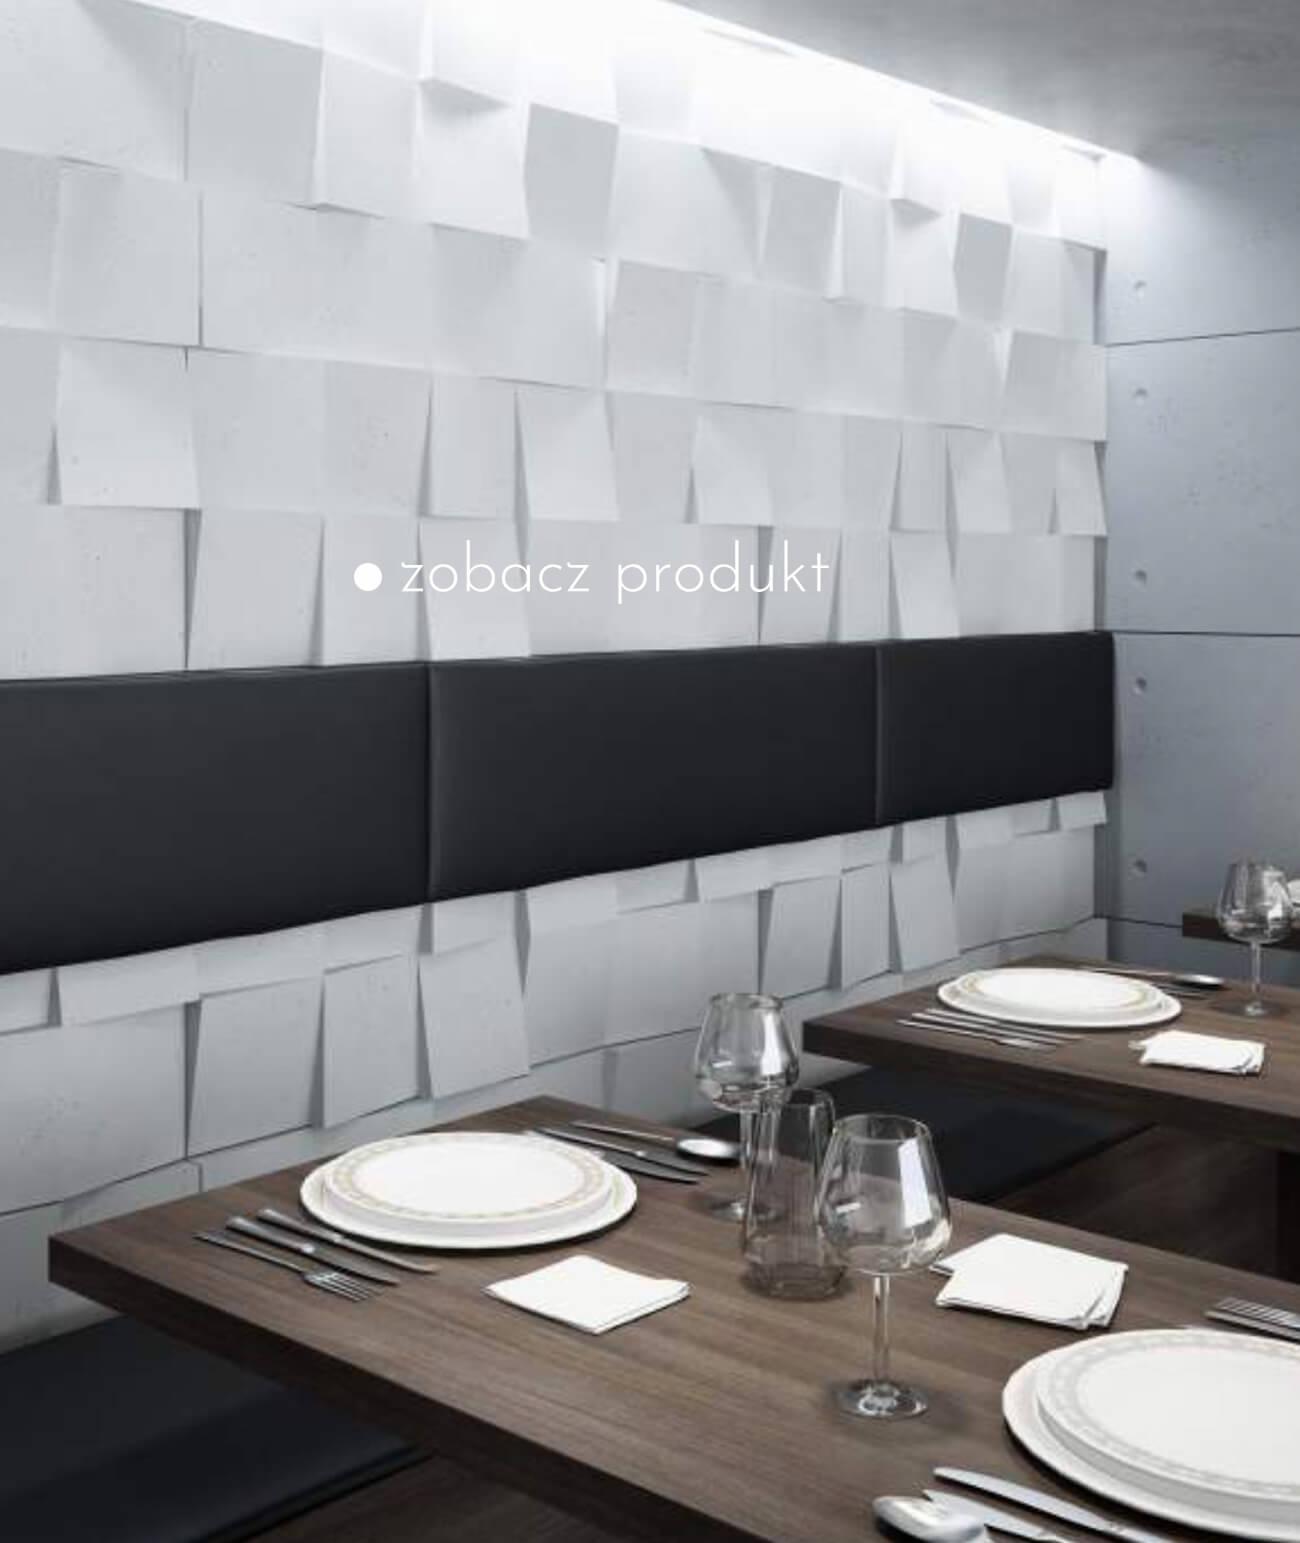 panele-betonowe-3d-scienne-i-elewacyjne-beton-architektoniczny_502-2709-pb16-bs-sniezno-bialy-coco-2---panel-dekor-3d-beton-architektoniczny-panel-scienny